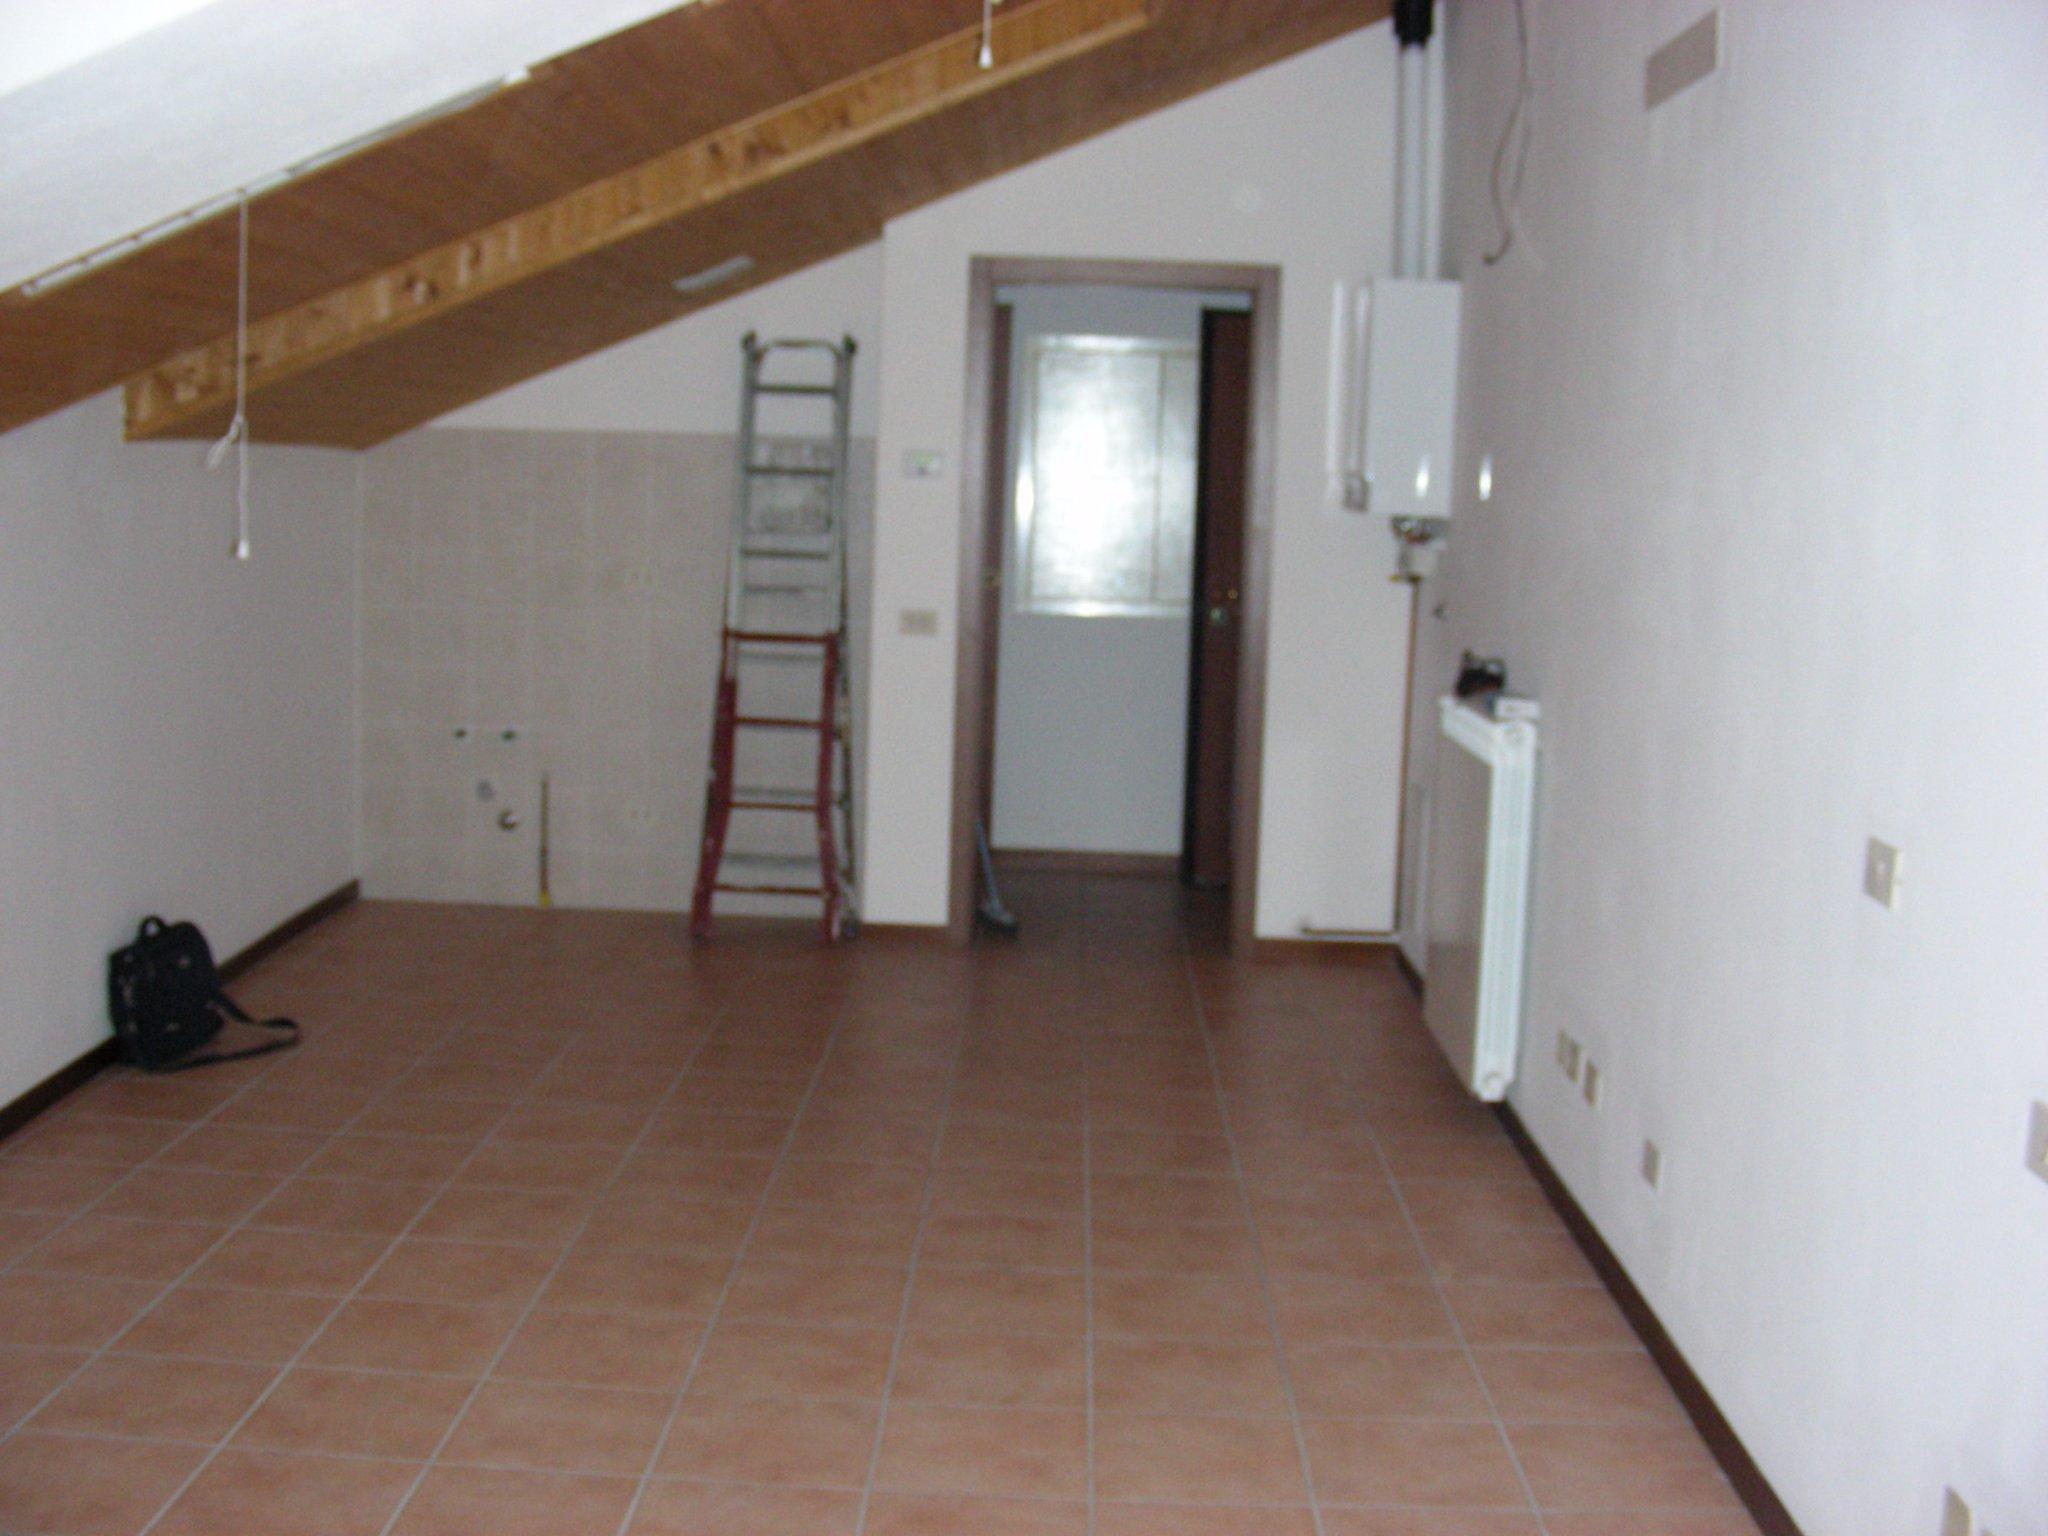 Insonorizzazione soffitto legno a vista di mansarda 43m2 for Soffitto a vista